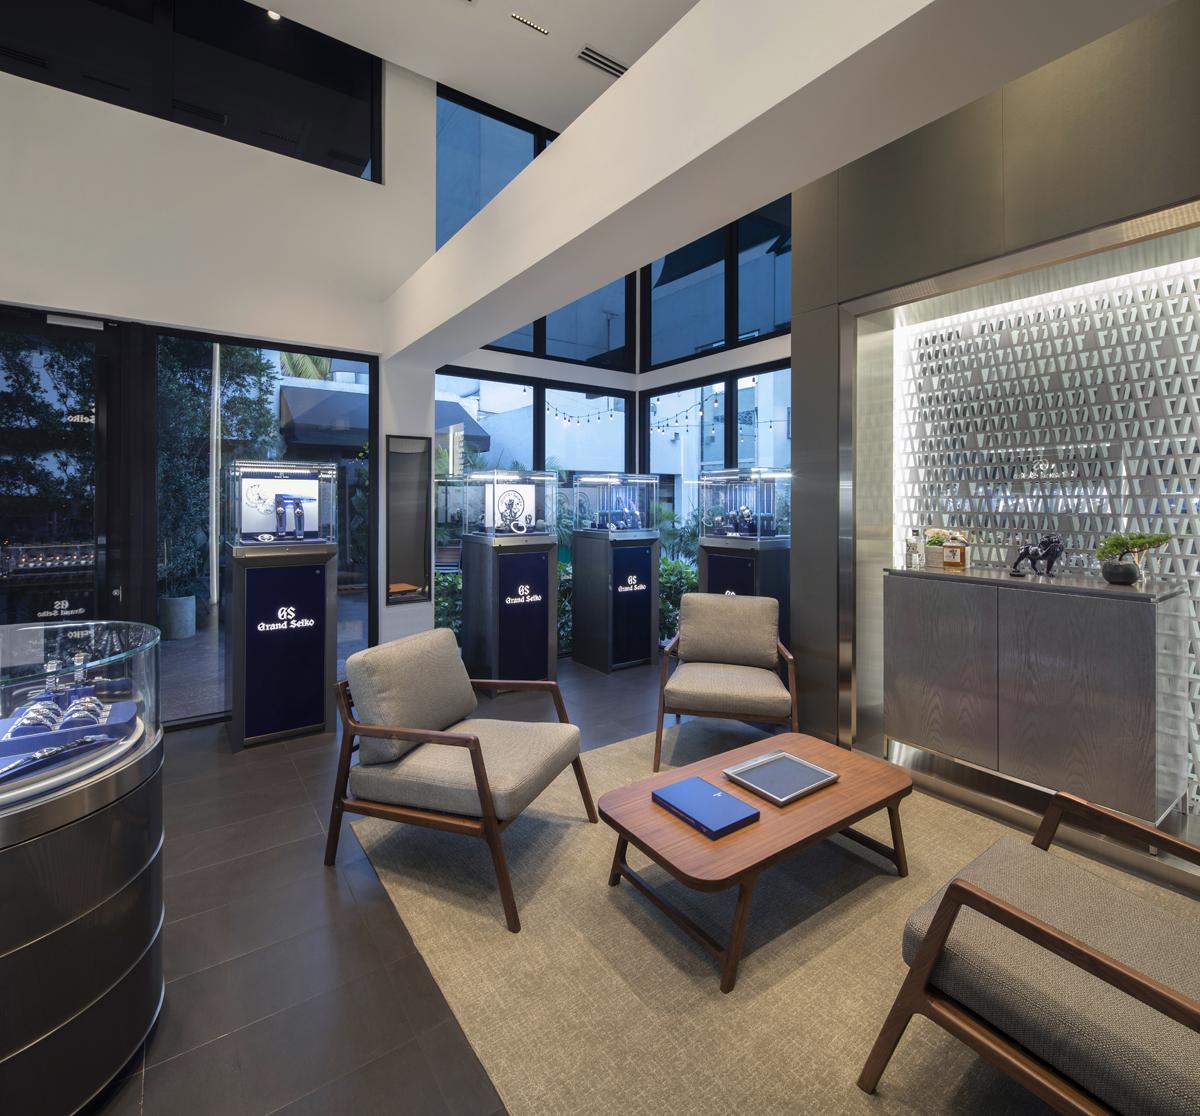 Grand Seiko Miami Design District 2020